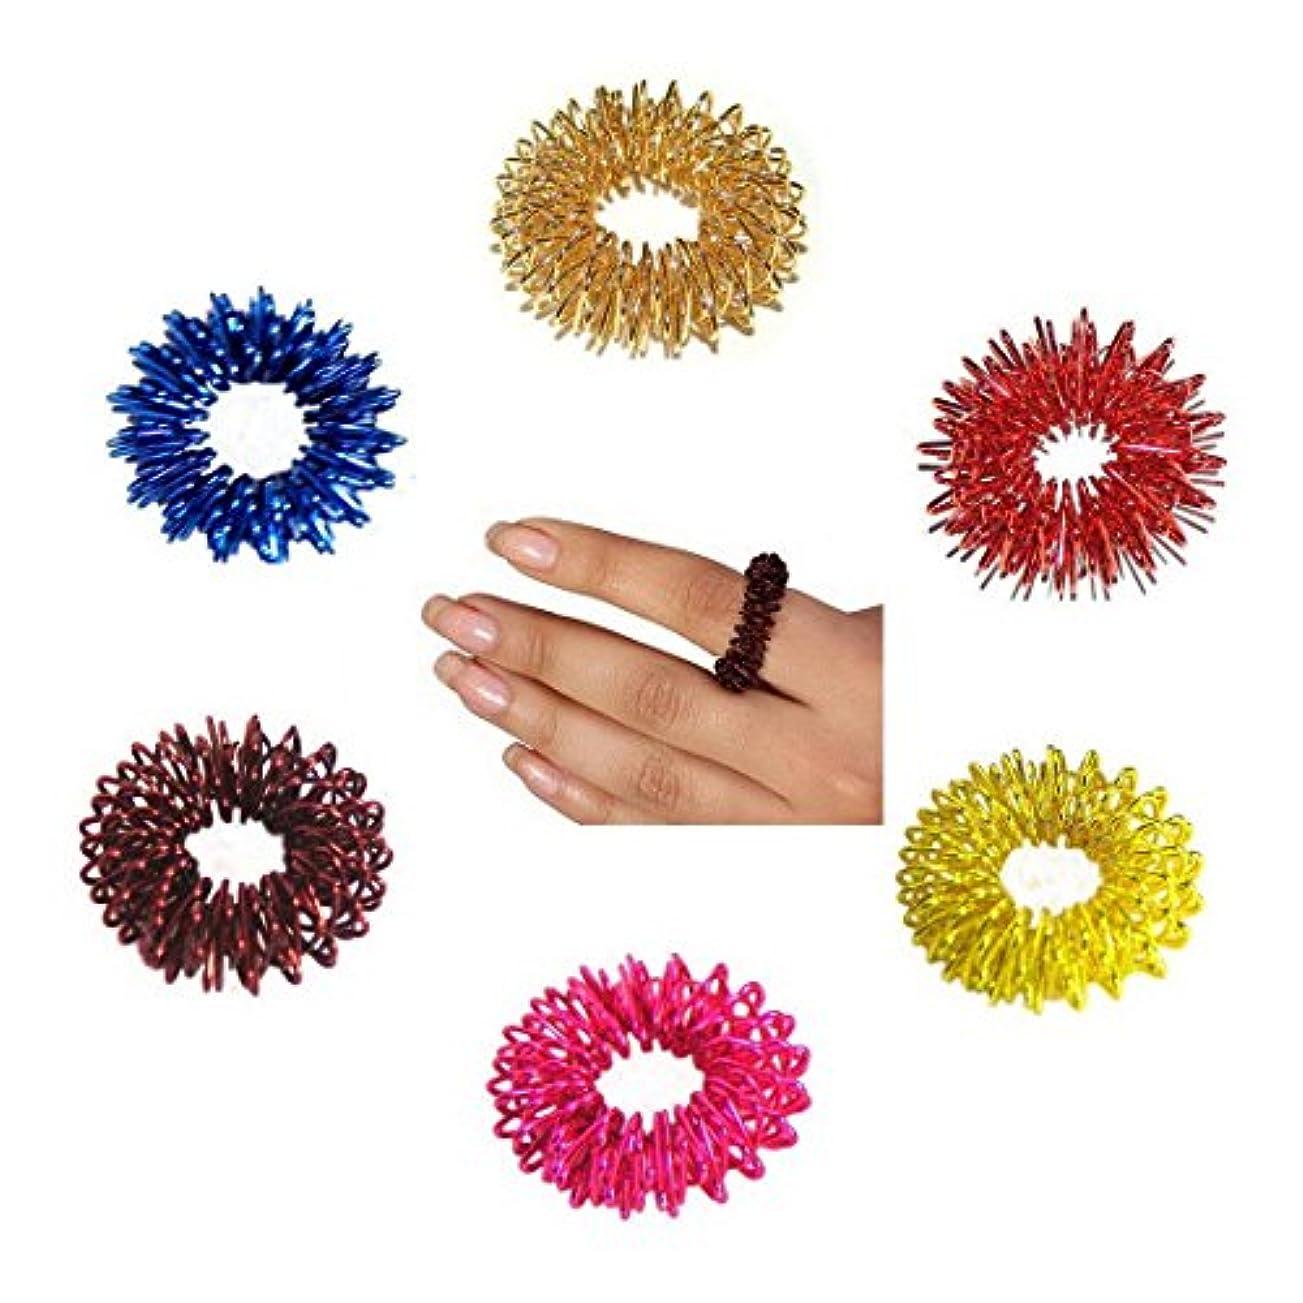 取り除く悪質な通貨Buycrafty 10 Pcs Acupressure Rings Massage Ring Massager relaxology, BEST High Density Deep Tissue Acupressure